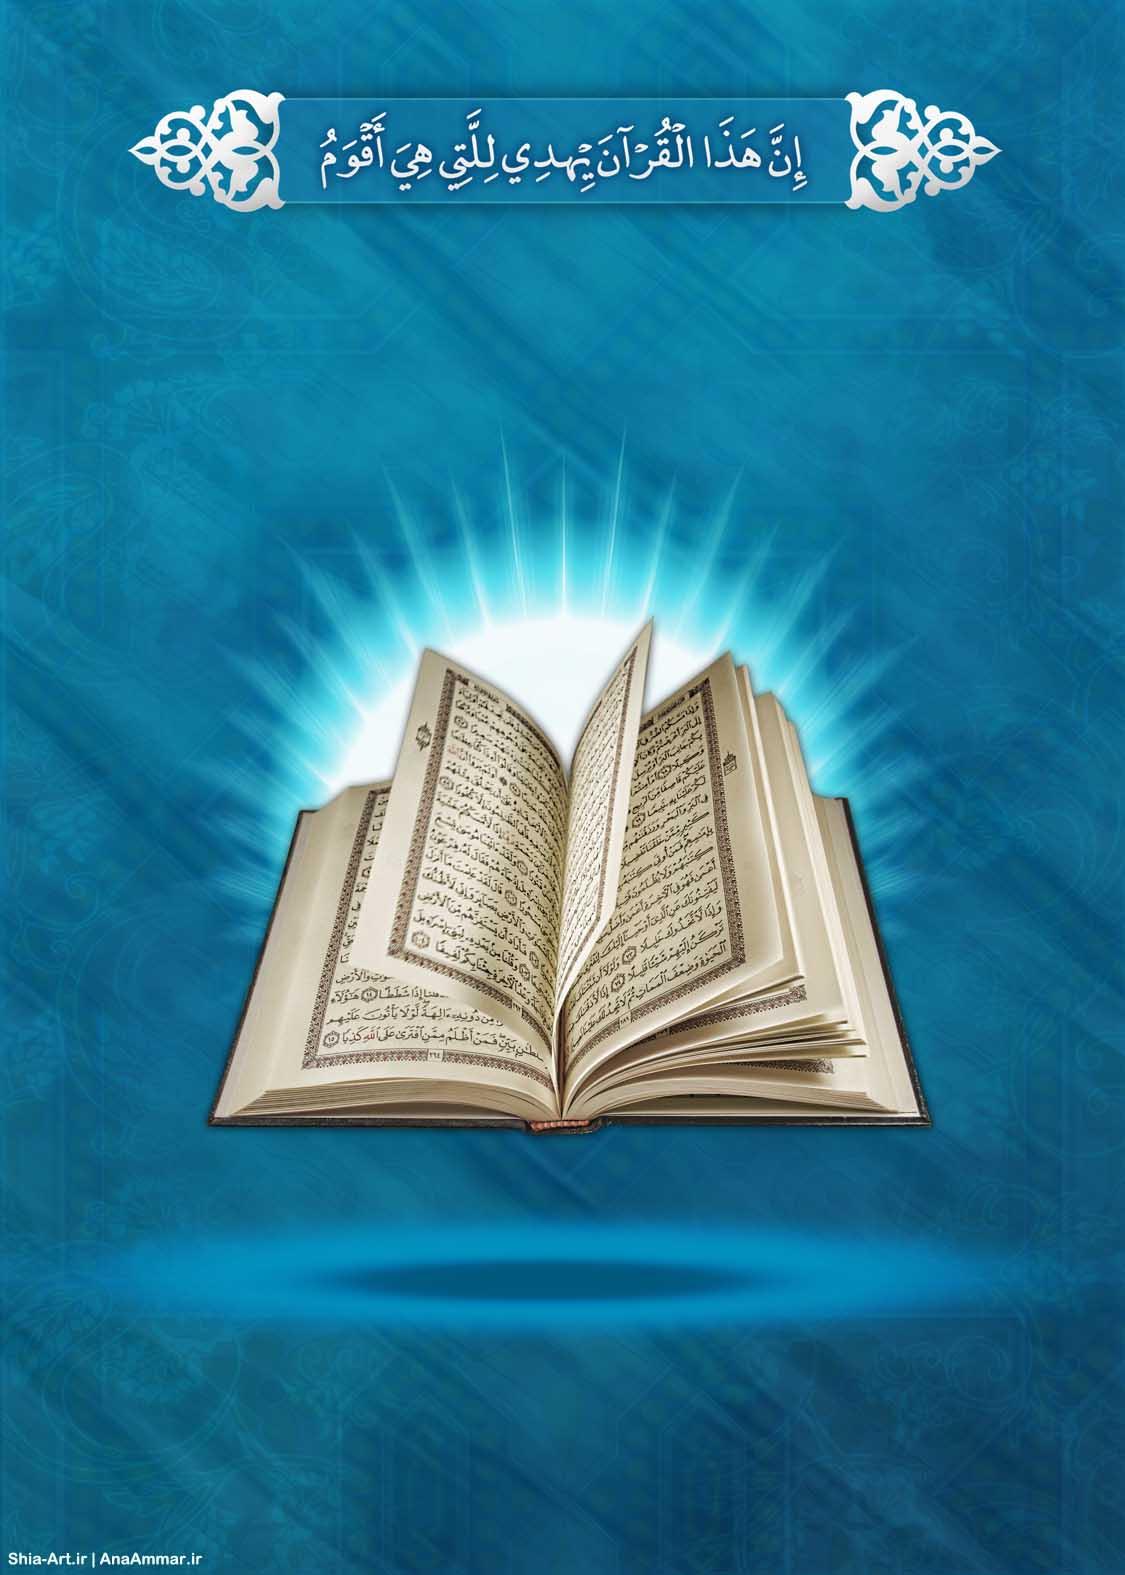 بنر و پوستر قرآنی - قسمت اول